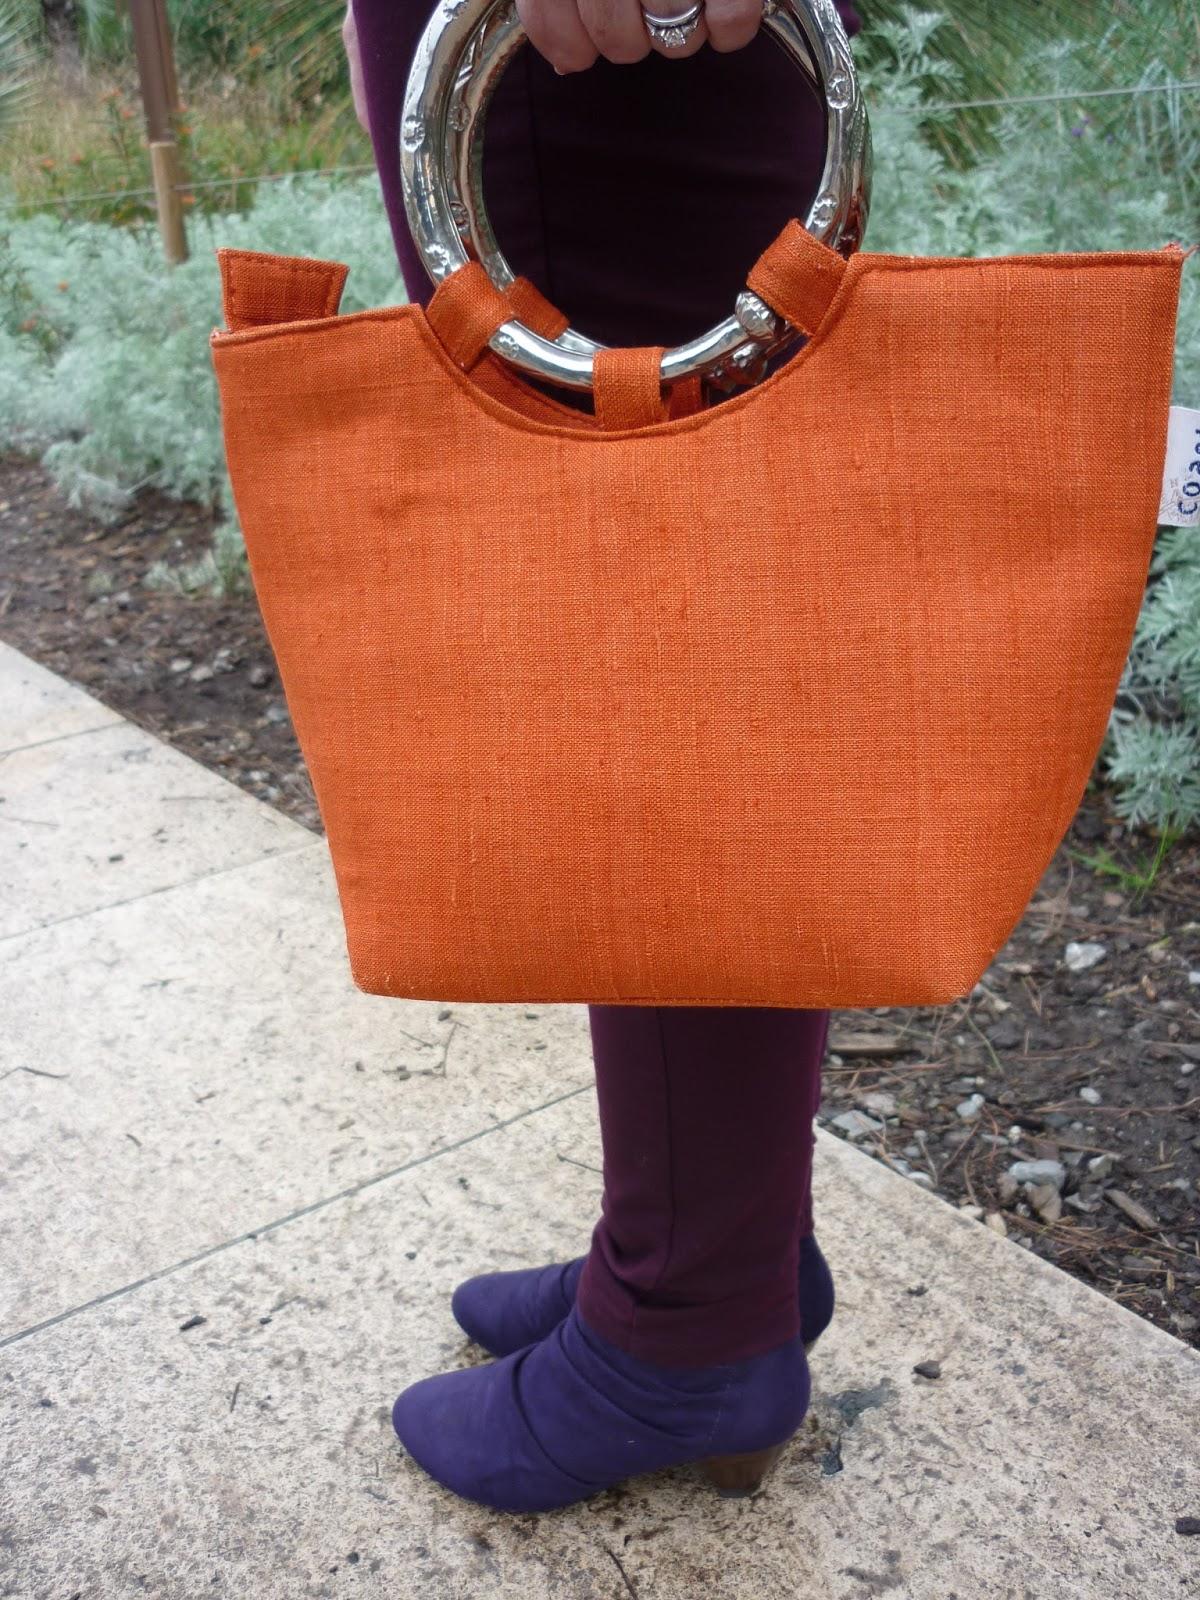 M&S Purple Suede Boots, Petite Dorothy Perkins Wine Jeans, Coast Orange Bag | Petite Silver Vixen